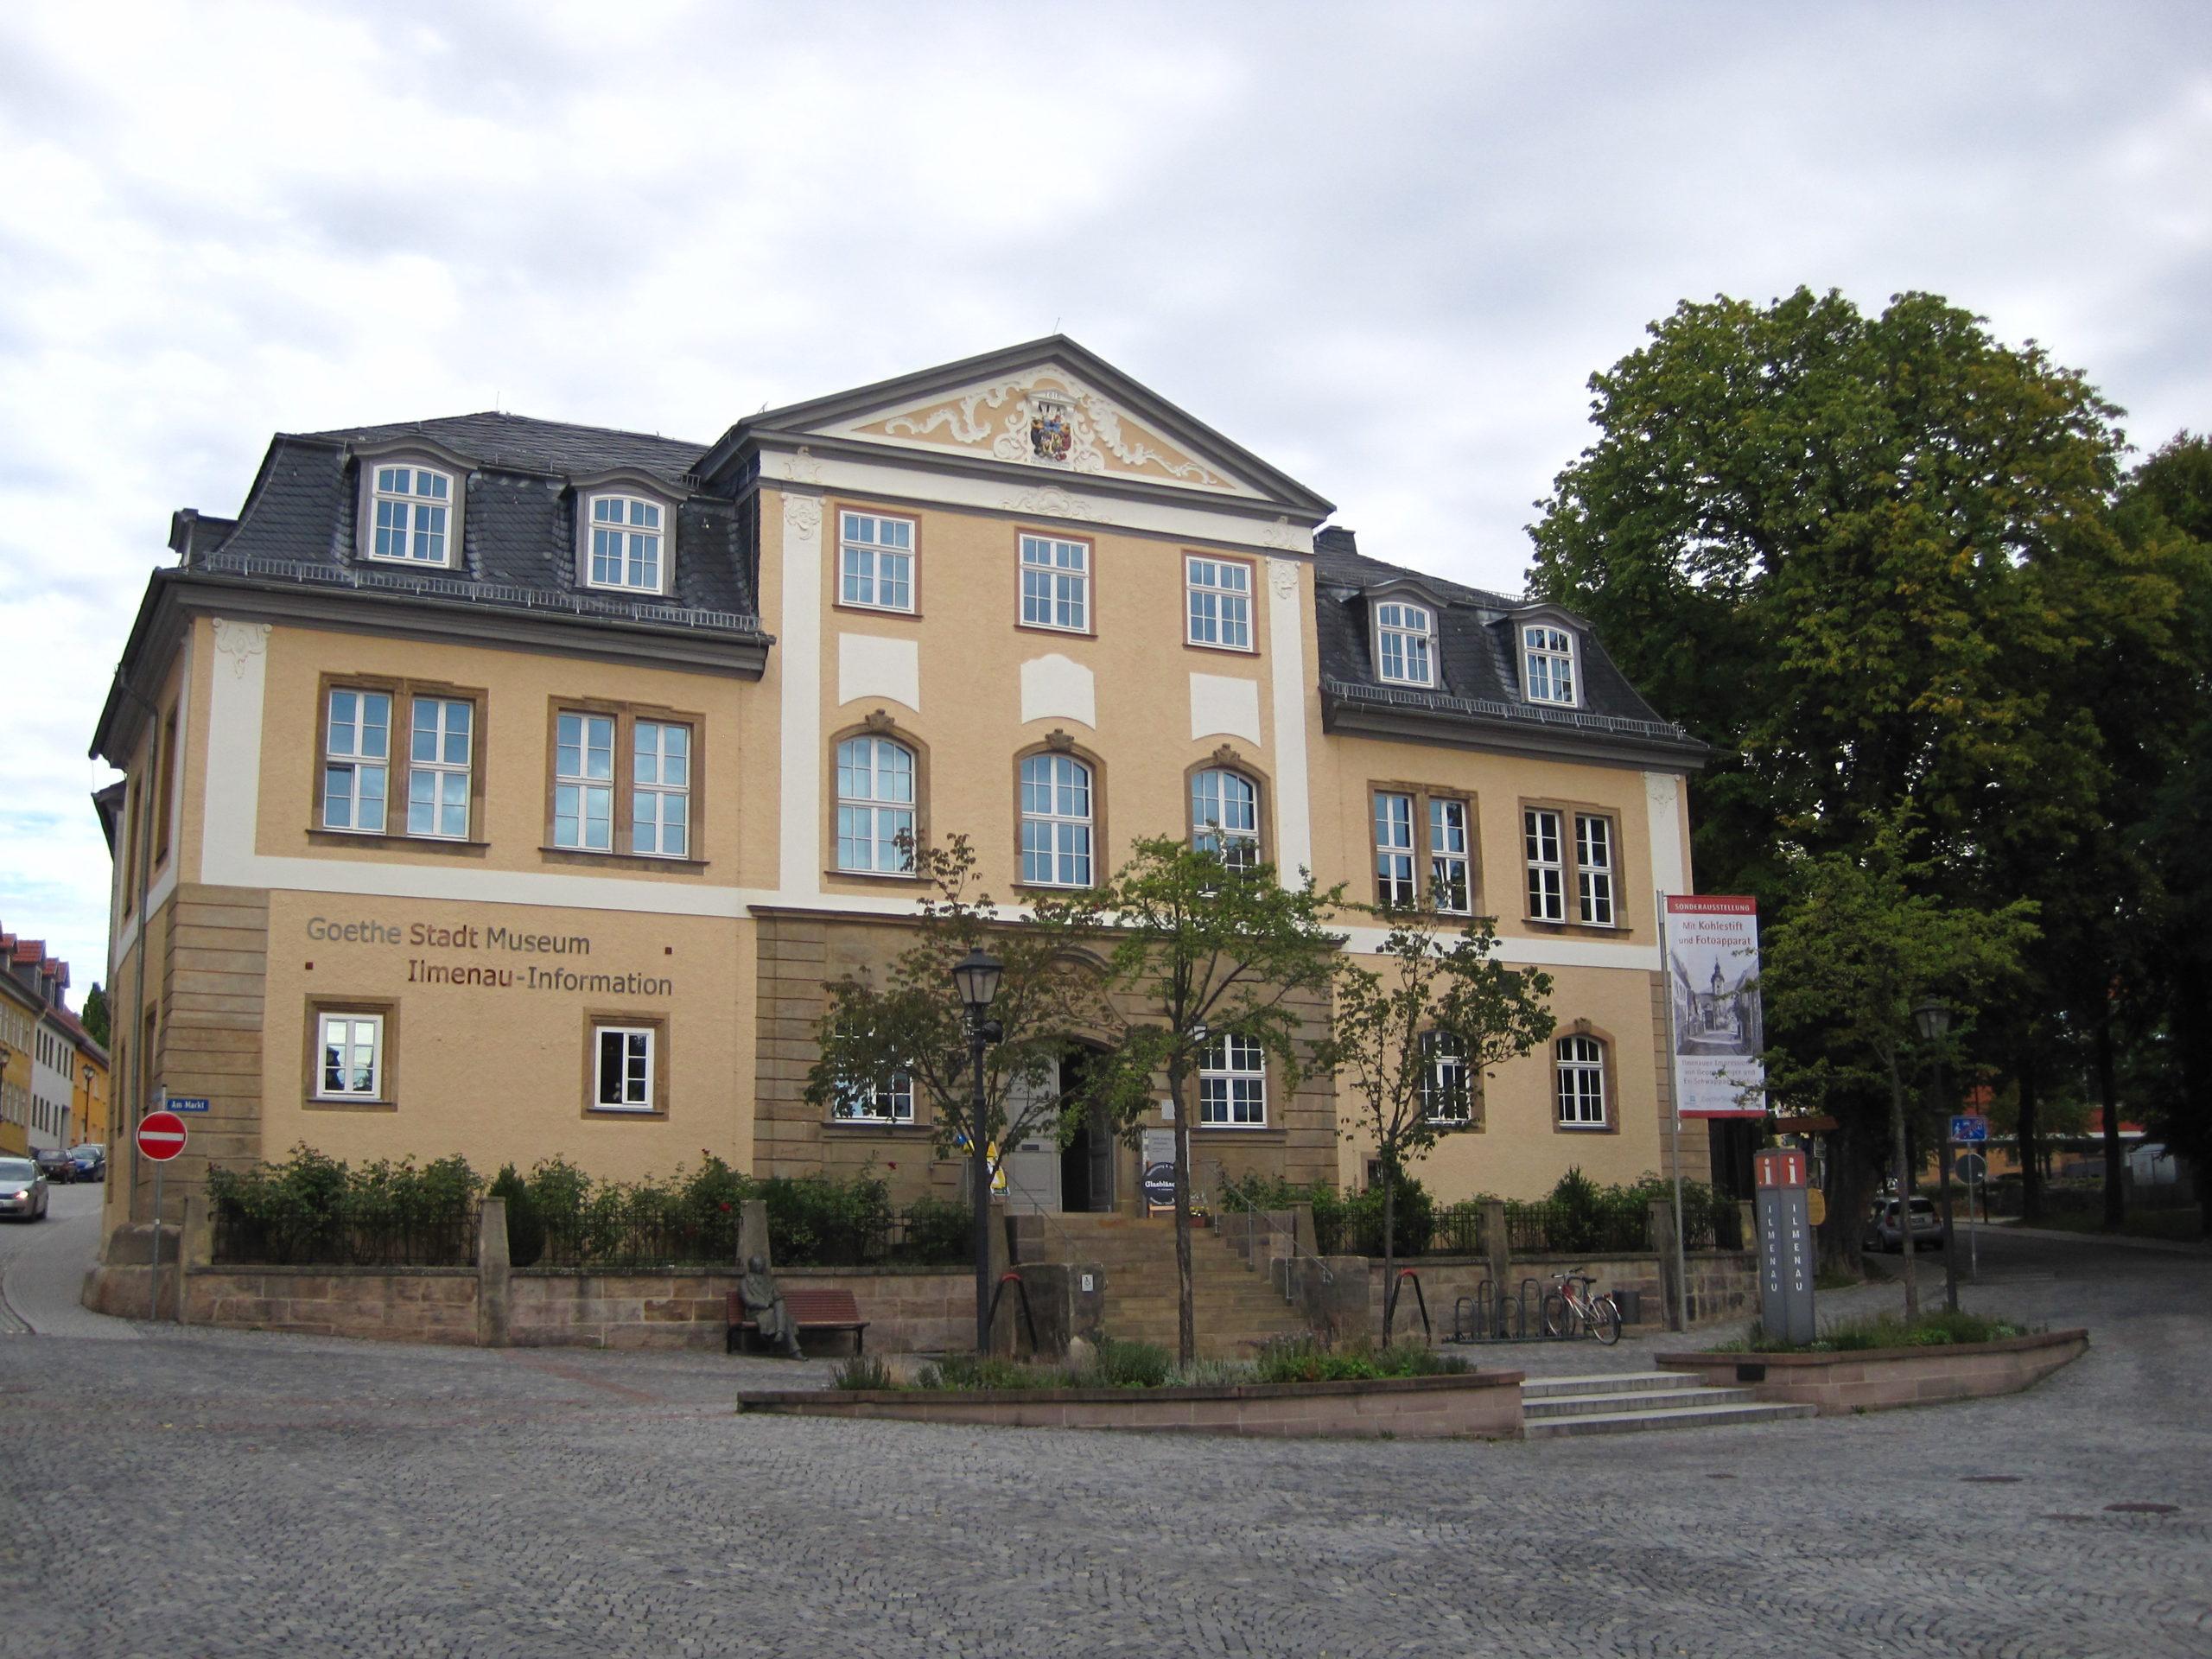 Ilmenau Museum